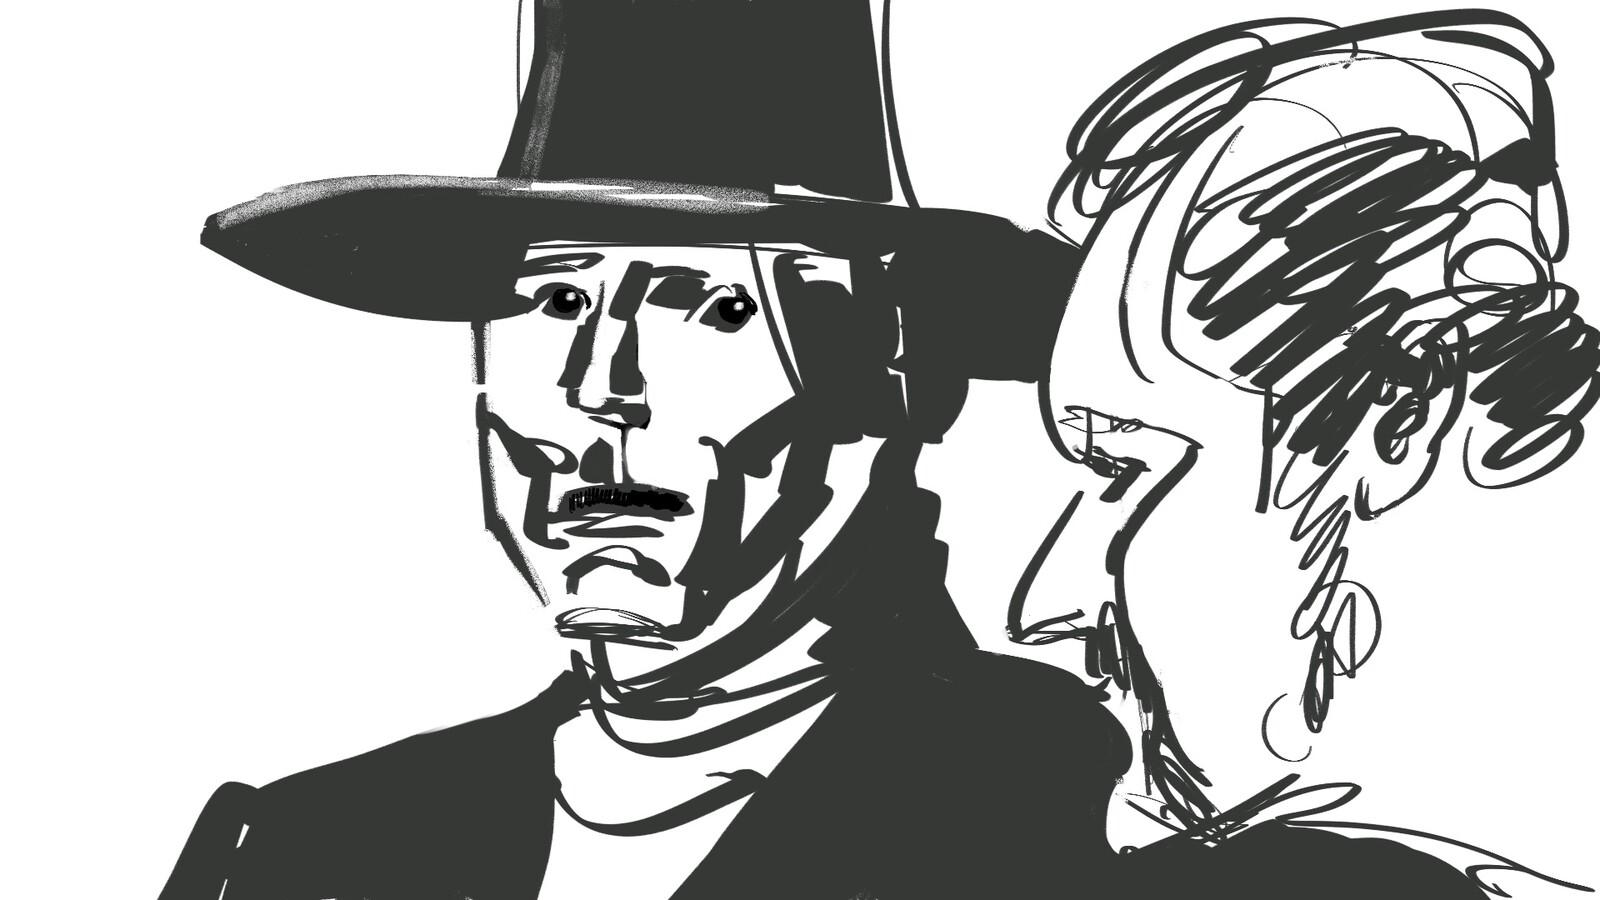 Western, Cowboy.